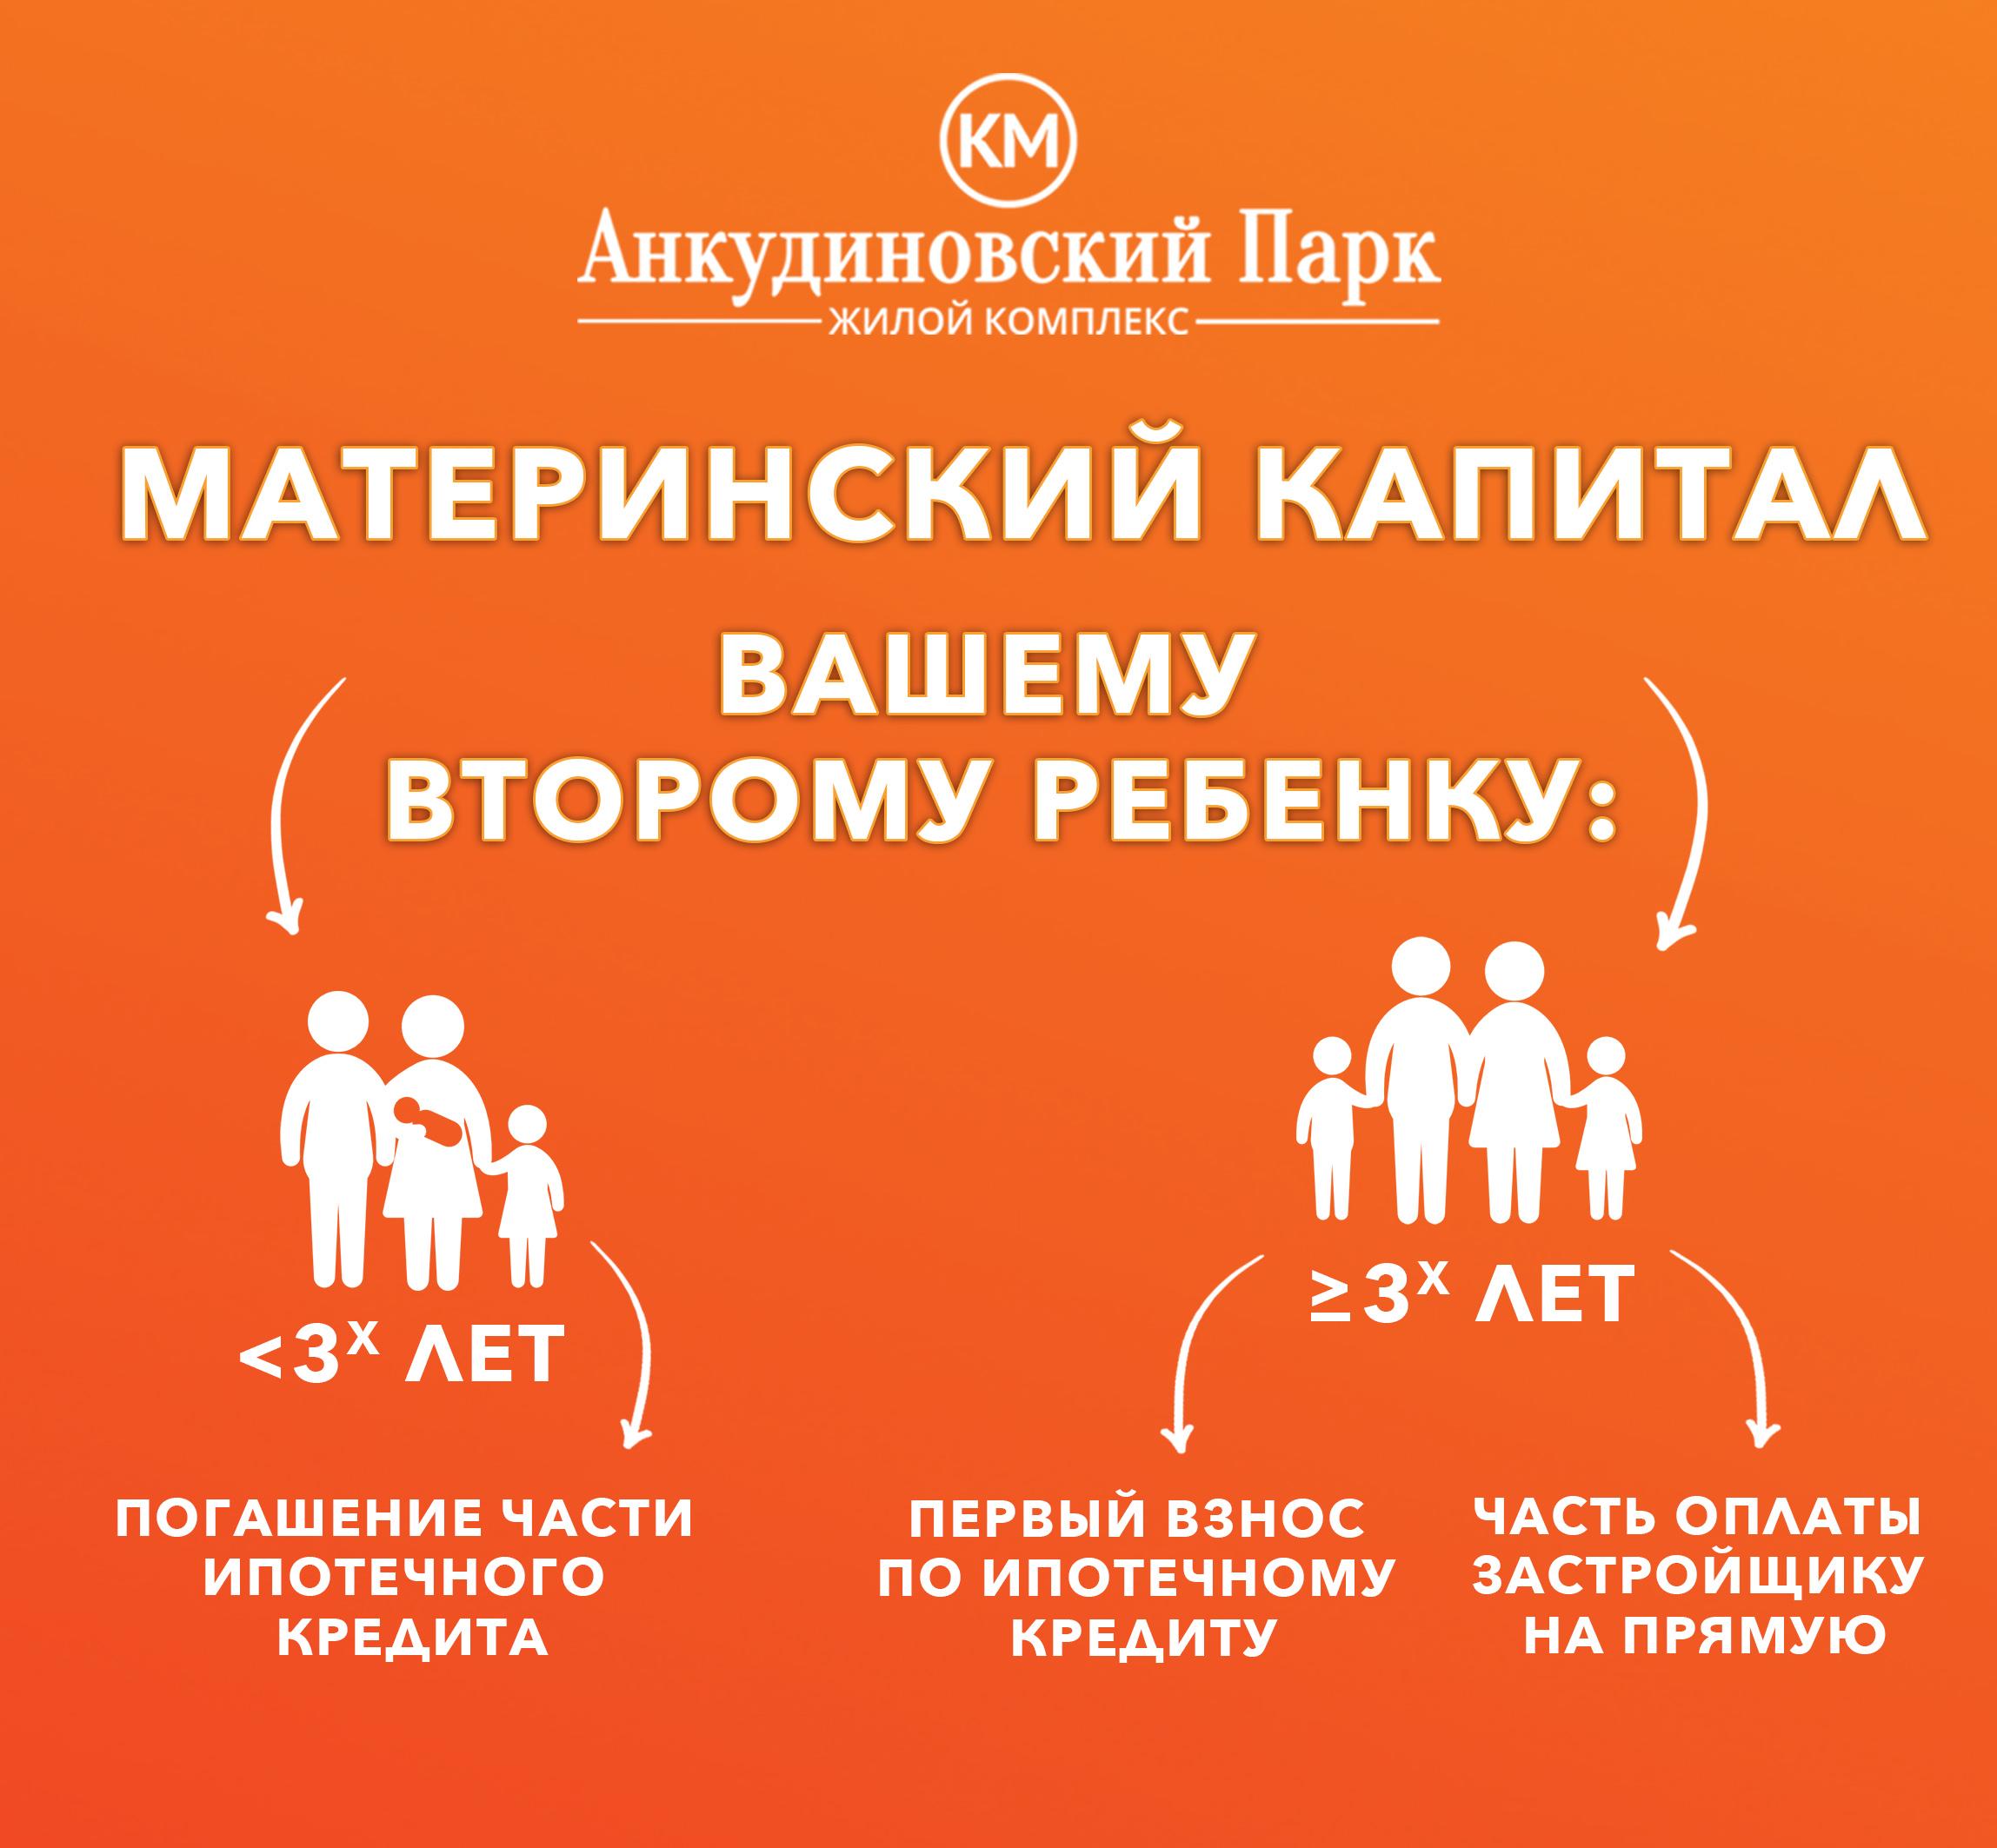 Материнский капитал.